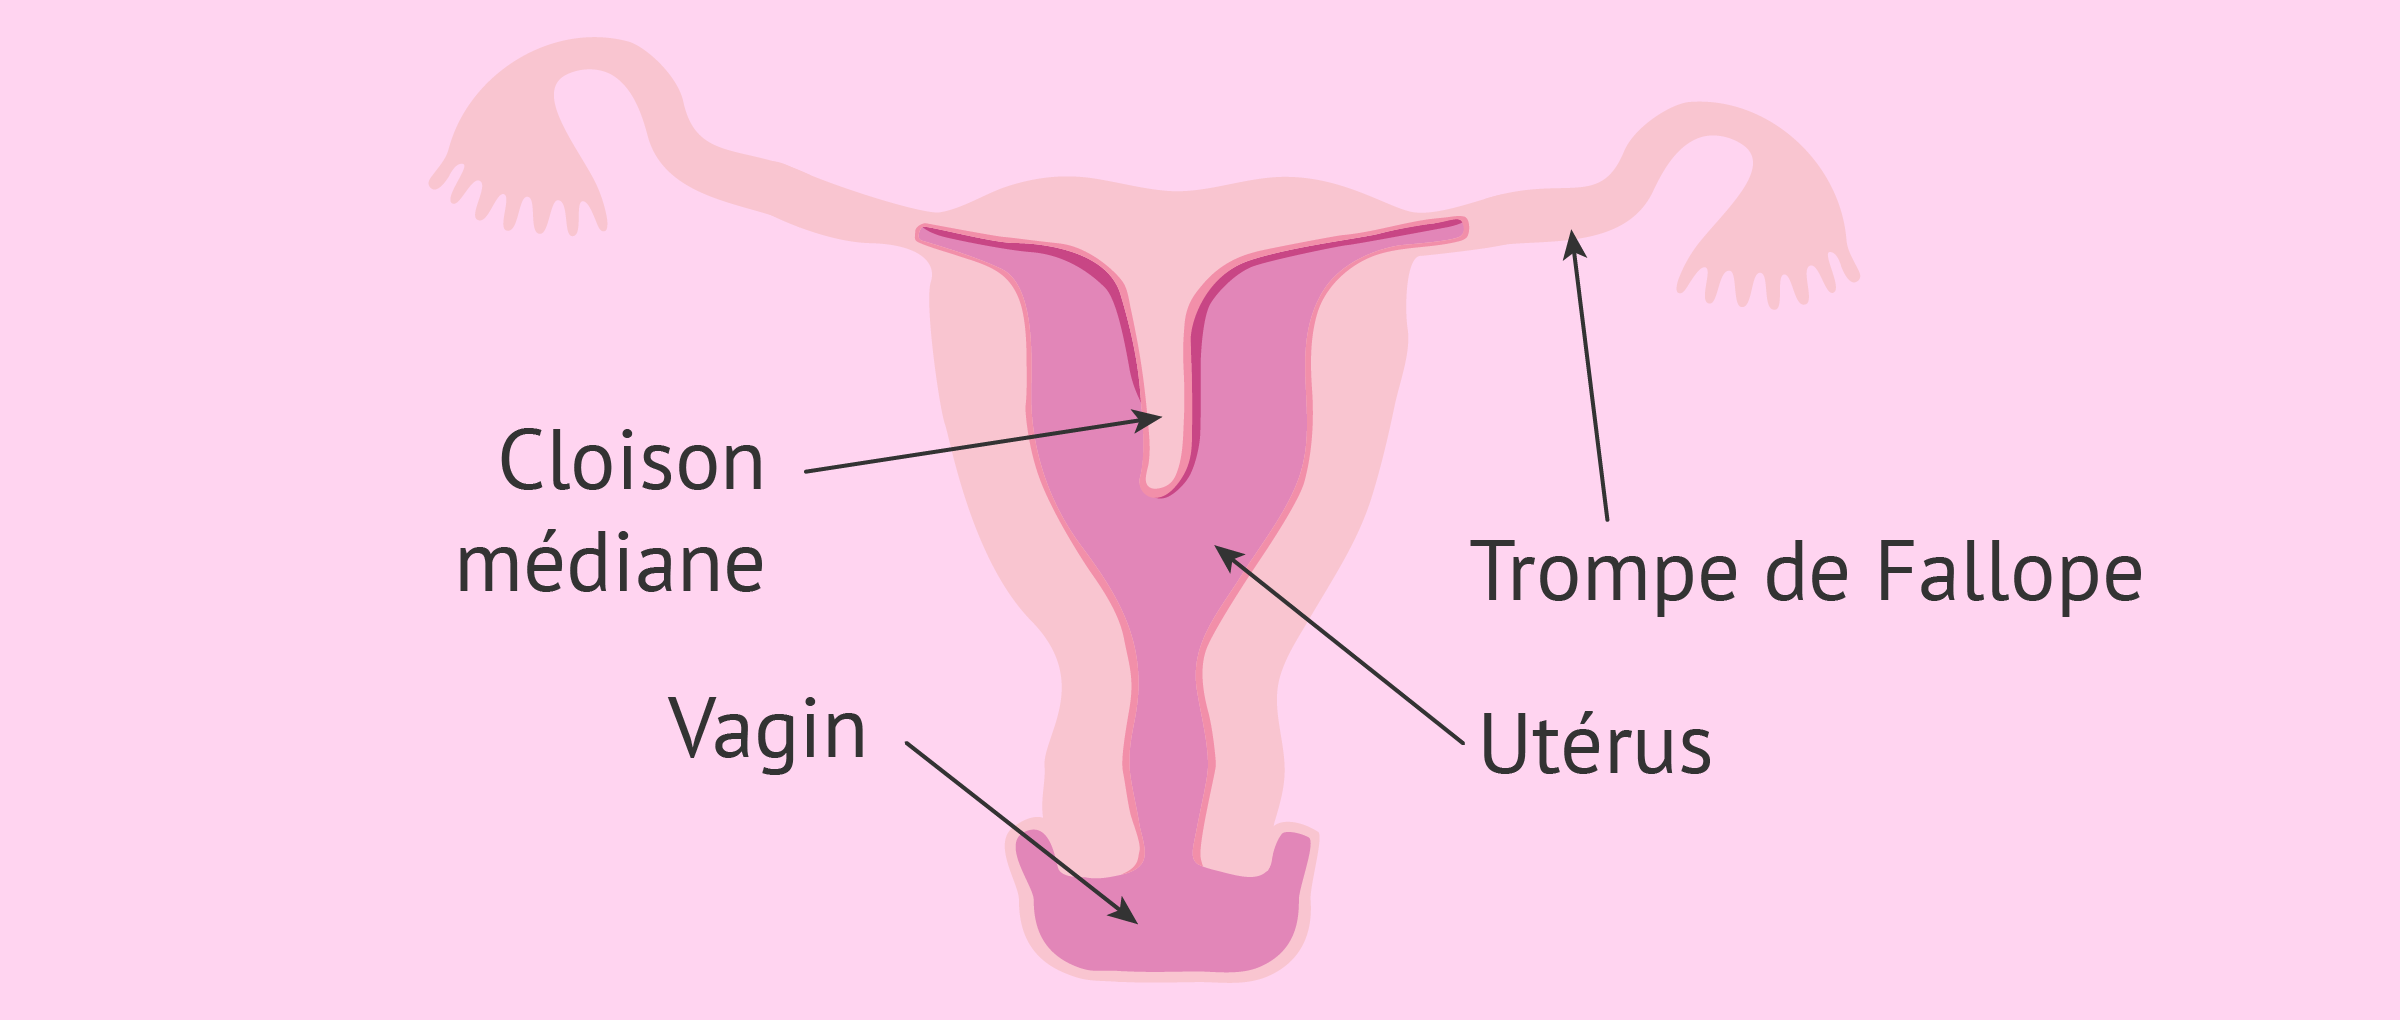 L'utérus cloisonné